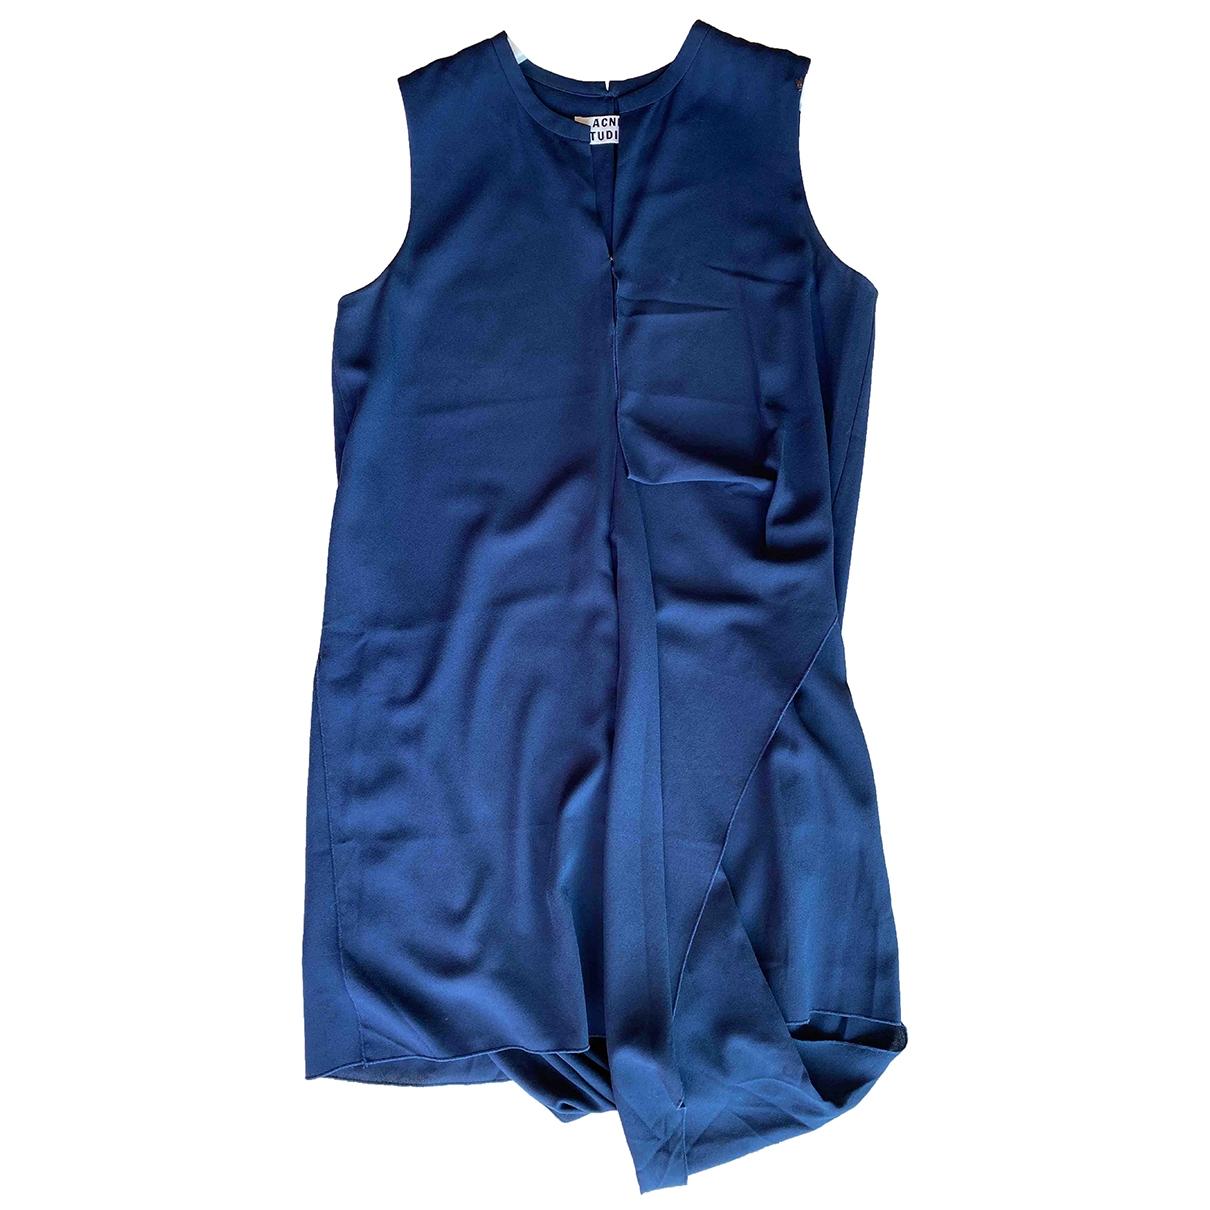 Acne Studios \N Navy dress for Women 40 FR